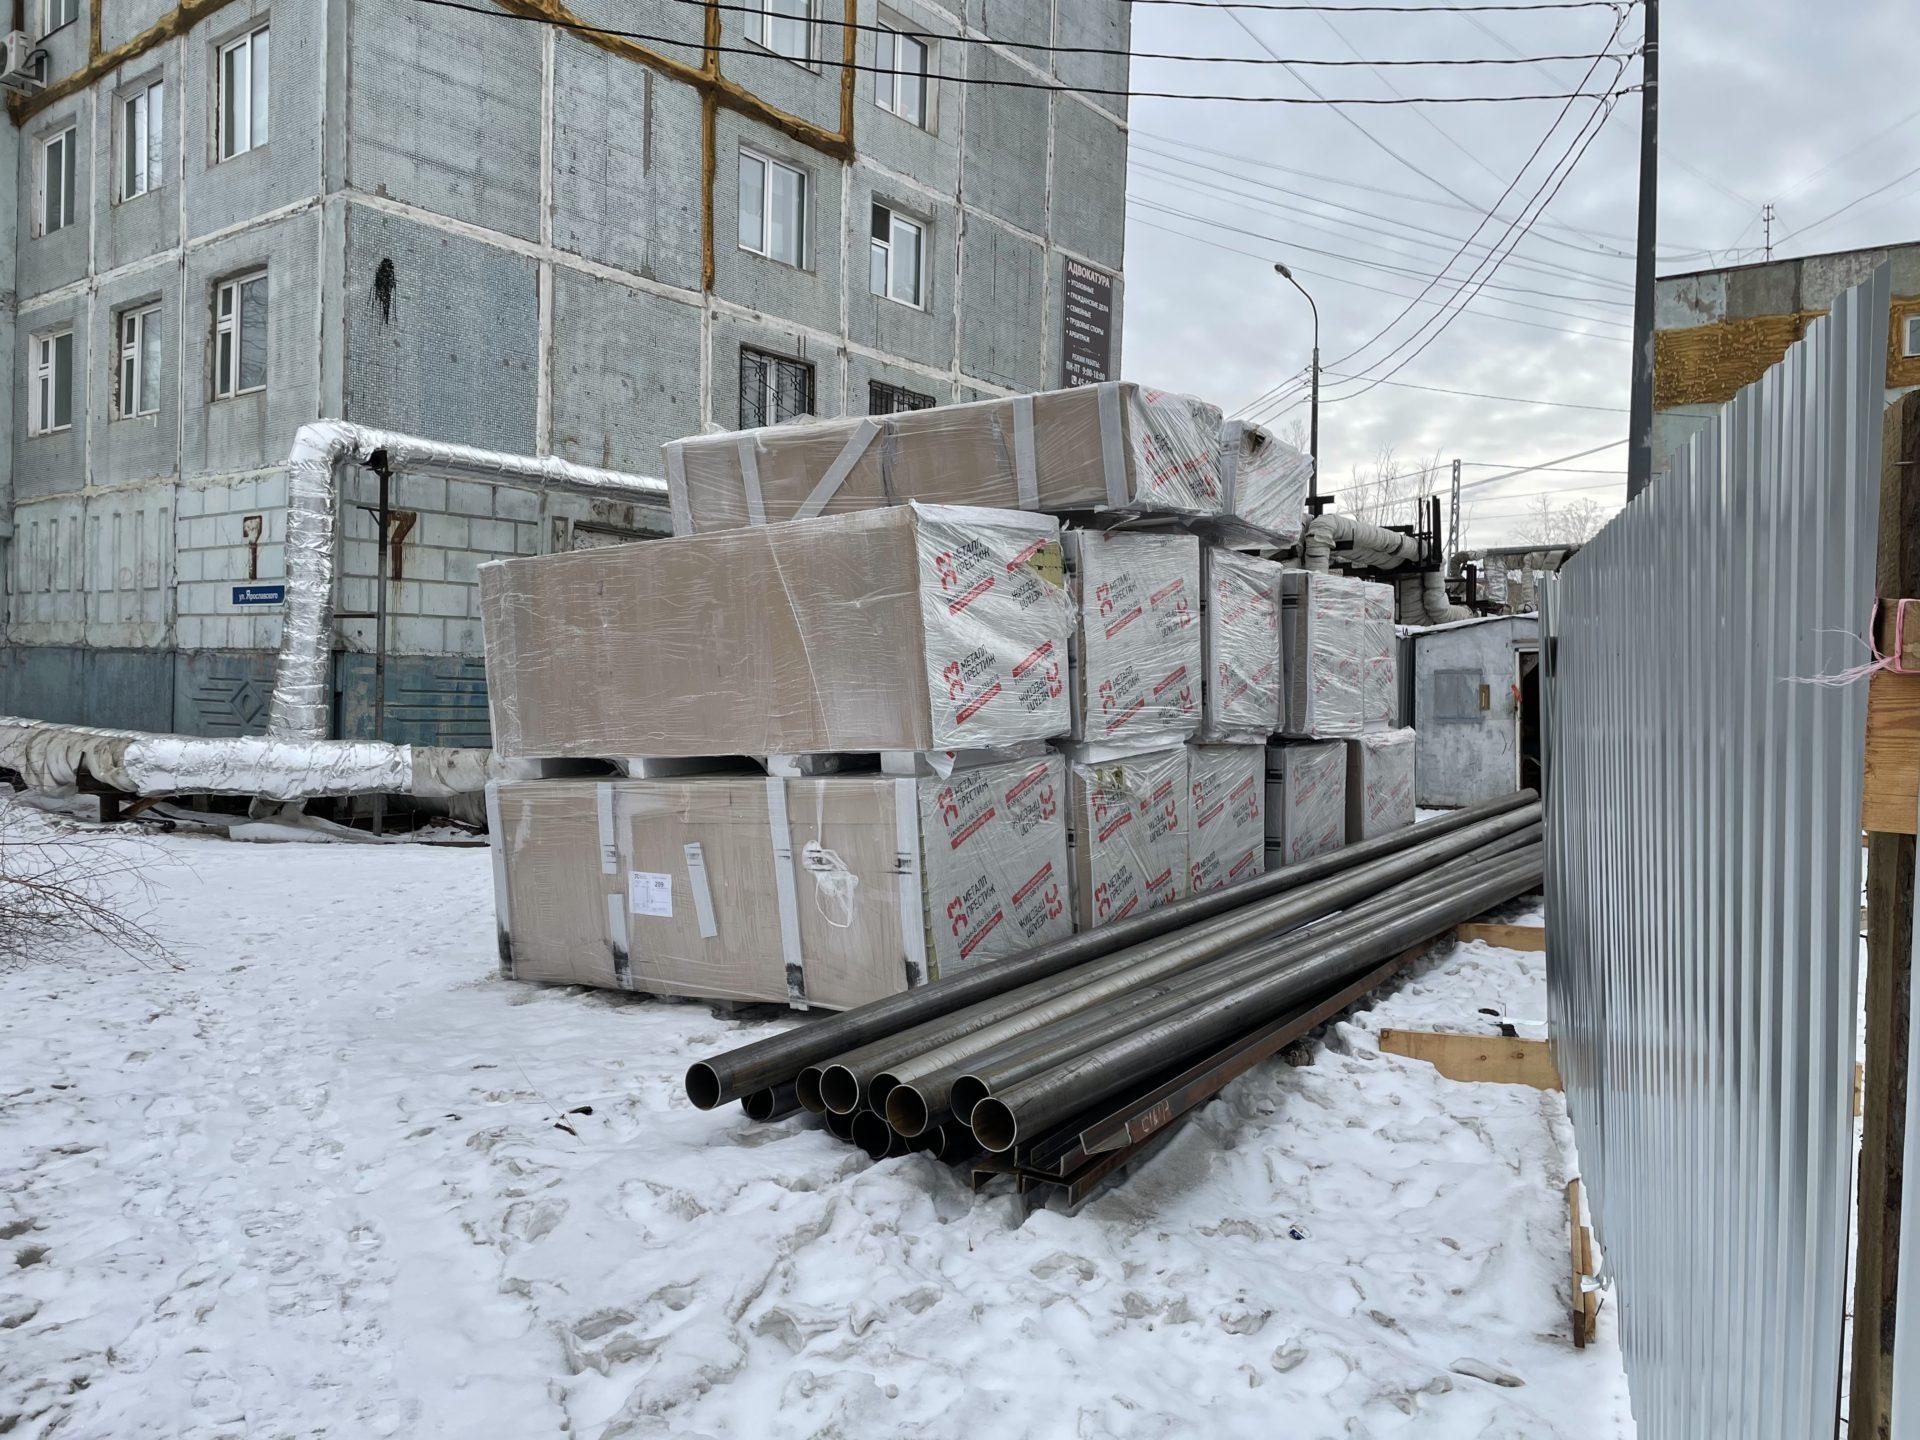 Информация о самовольном строительстве возле дома по ул. Ярославского, 7, не соответствует действительности